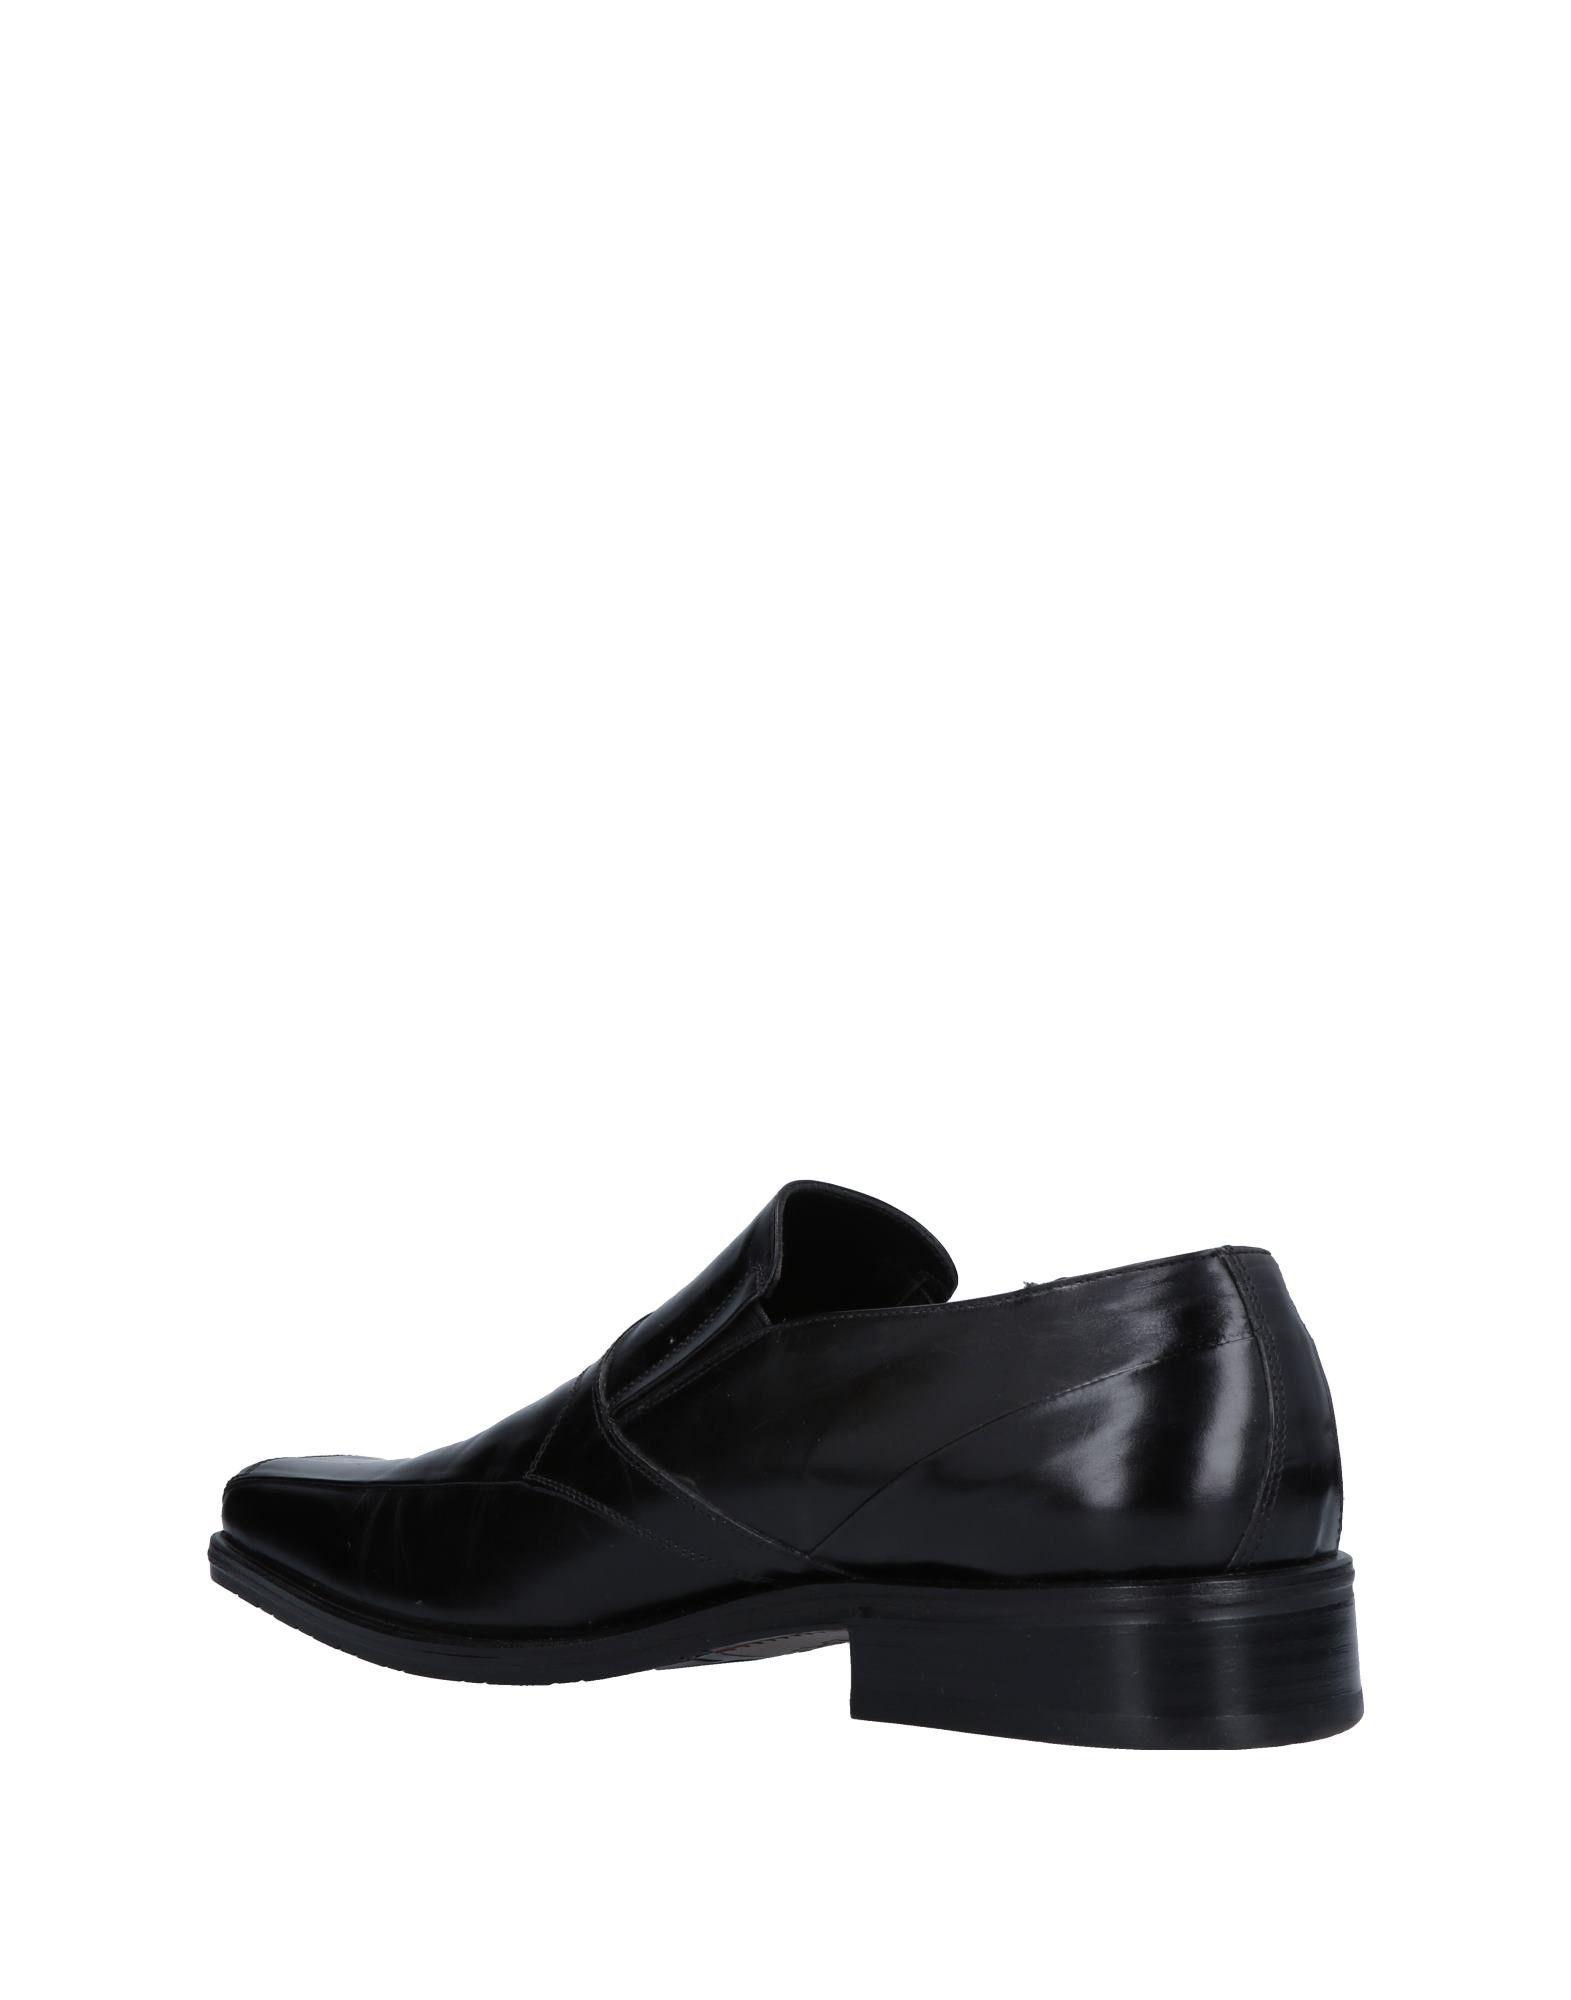 Genny Lav. Artigiana Varese Loafers Artigiana - Men Genny Lav. Artigiana Loafers Varese Loafers online on  Canada - 11504614MF 3a637b